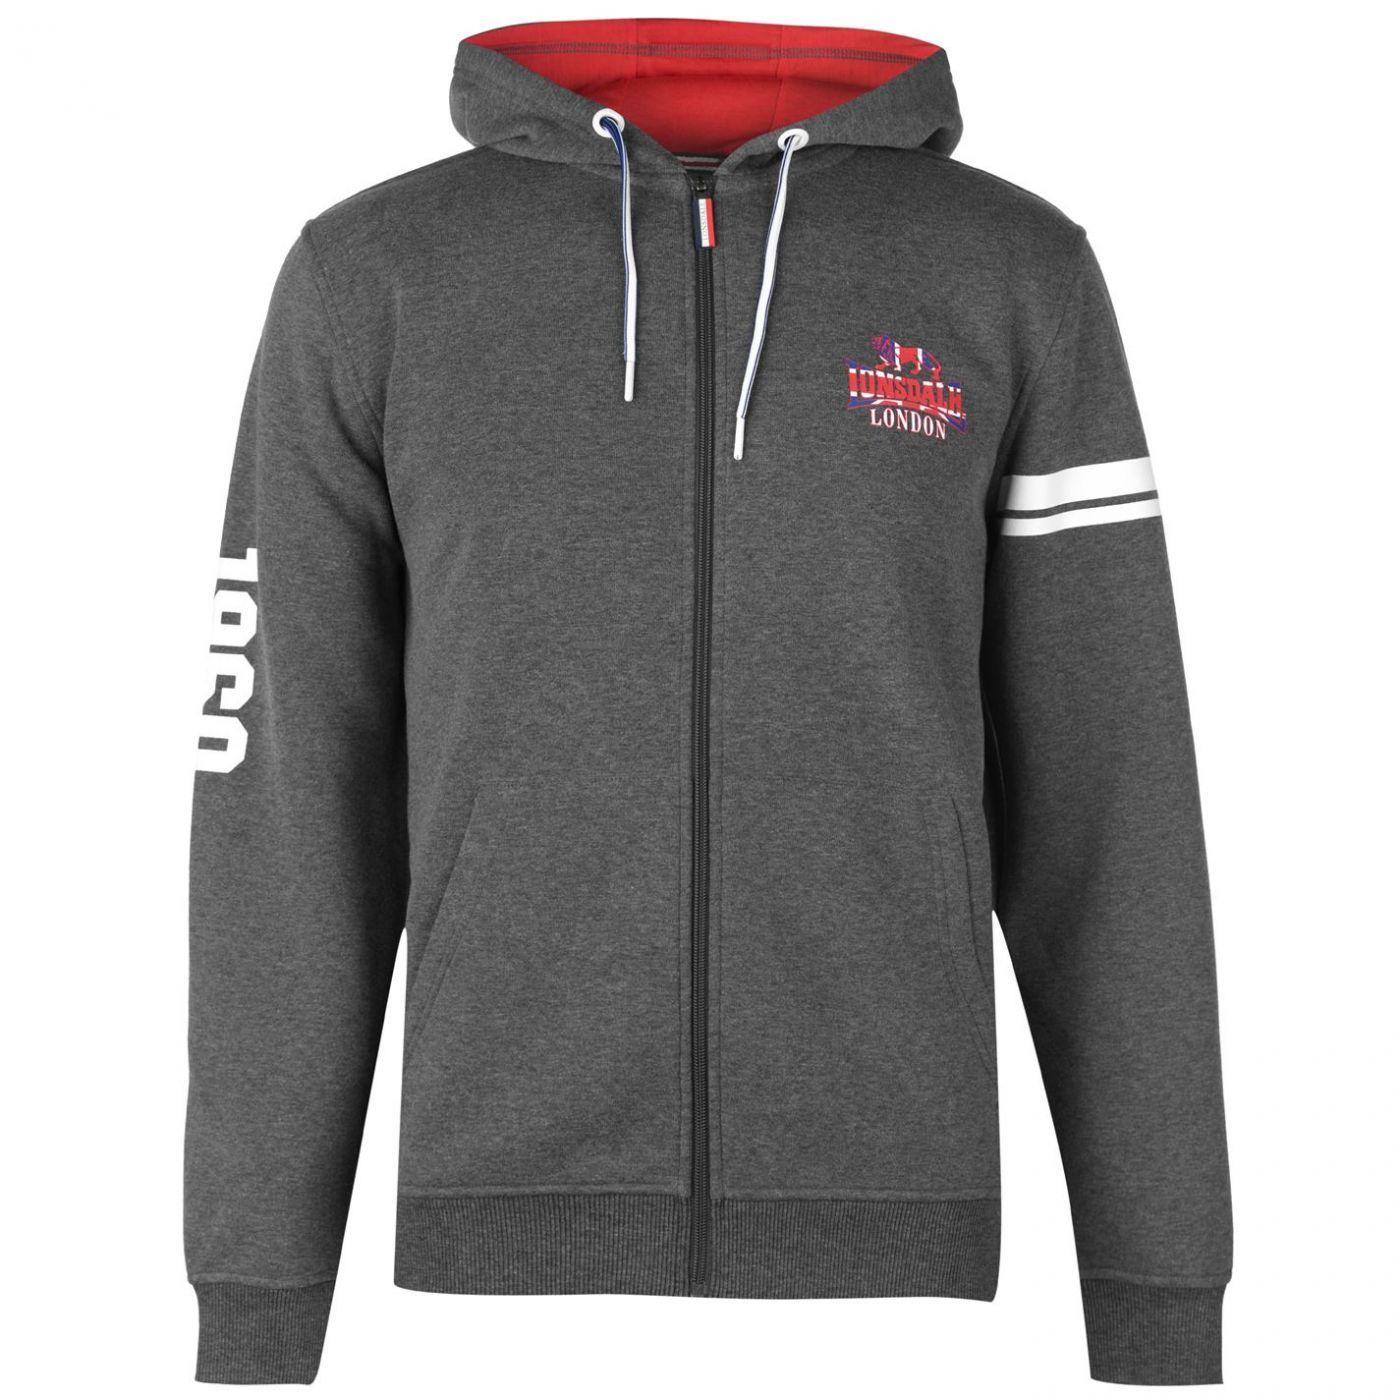 Men's hoodie Lonsdale London Full Zip